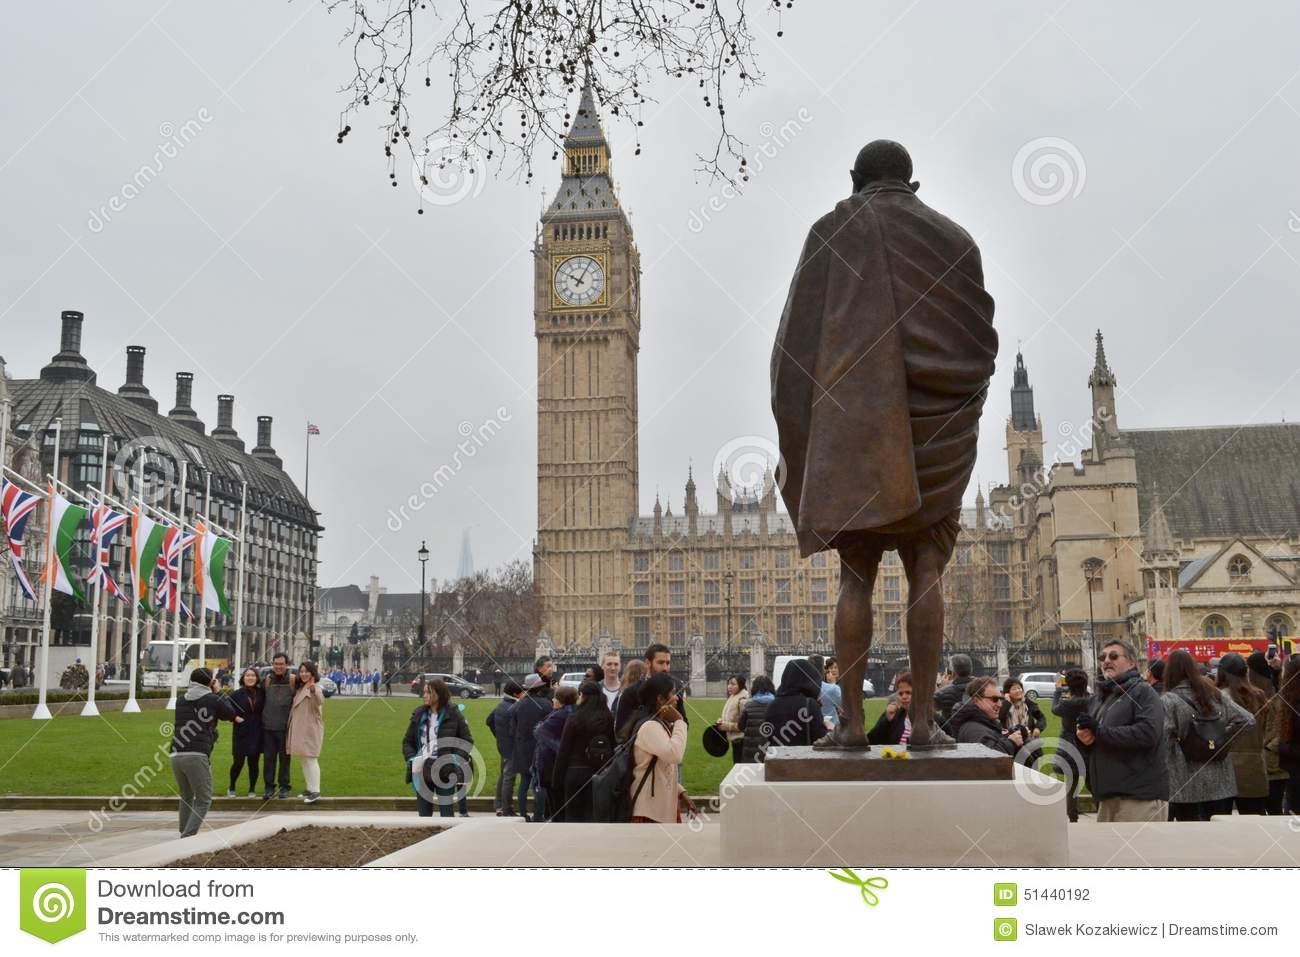 Statue Mahatma Gandhi Parliament Square London Editorial Image.